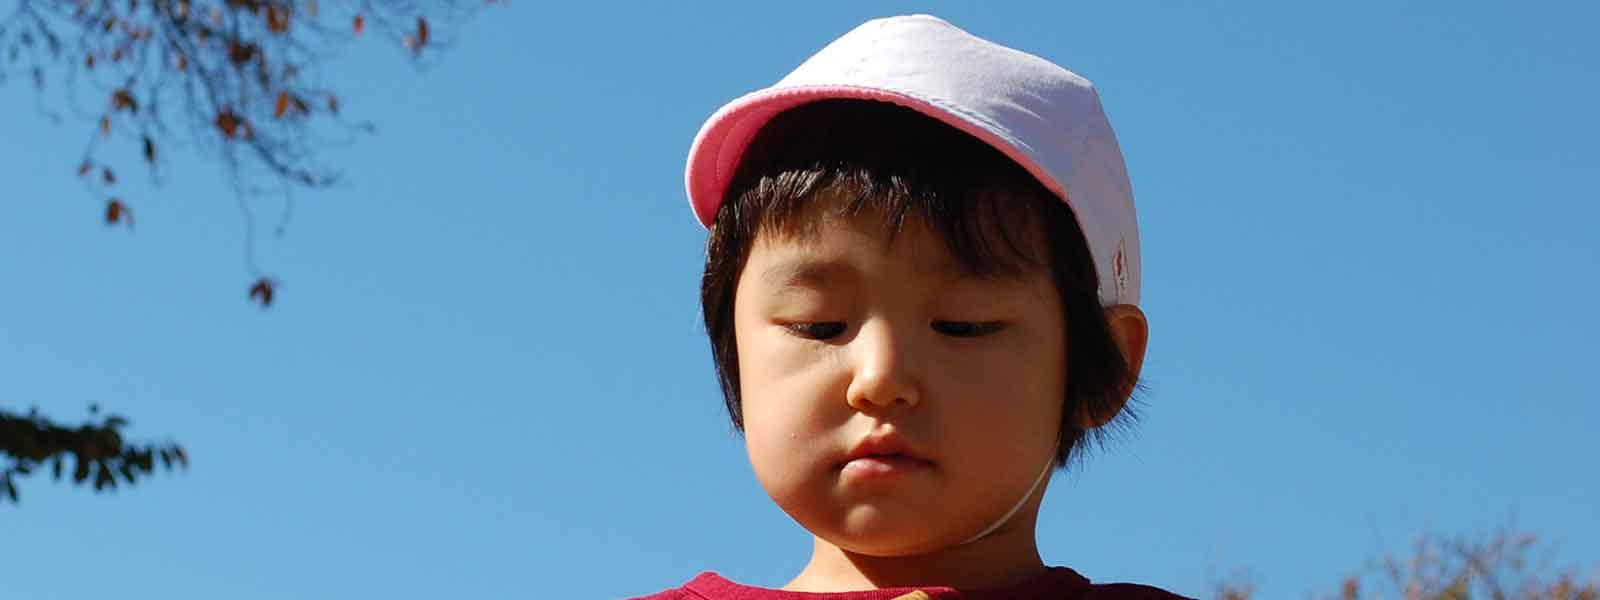 青空をバックにした子どもの表情